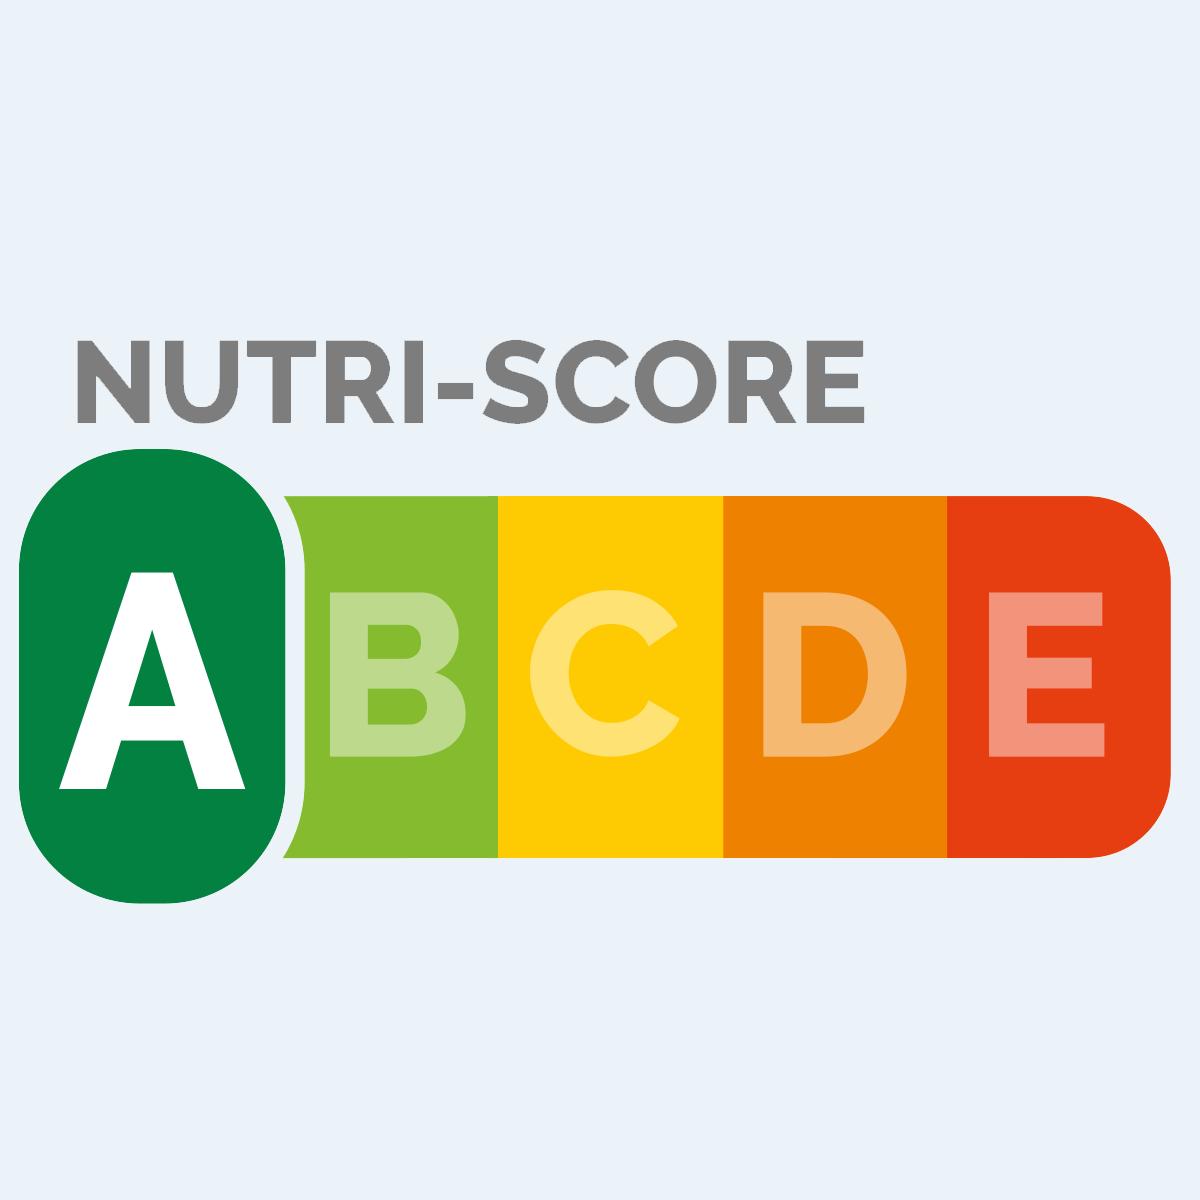 Nutri-Score: A, B, C, Easy as 1, 2, 3... Or Is It?